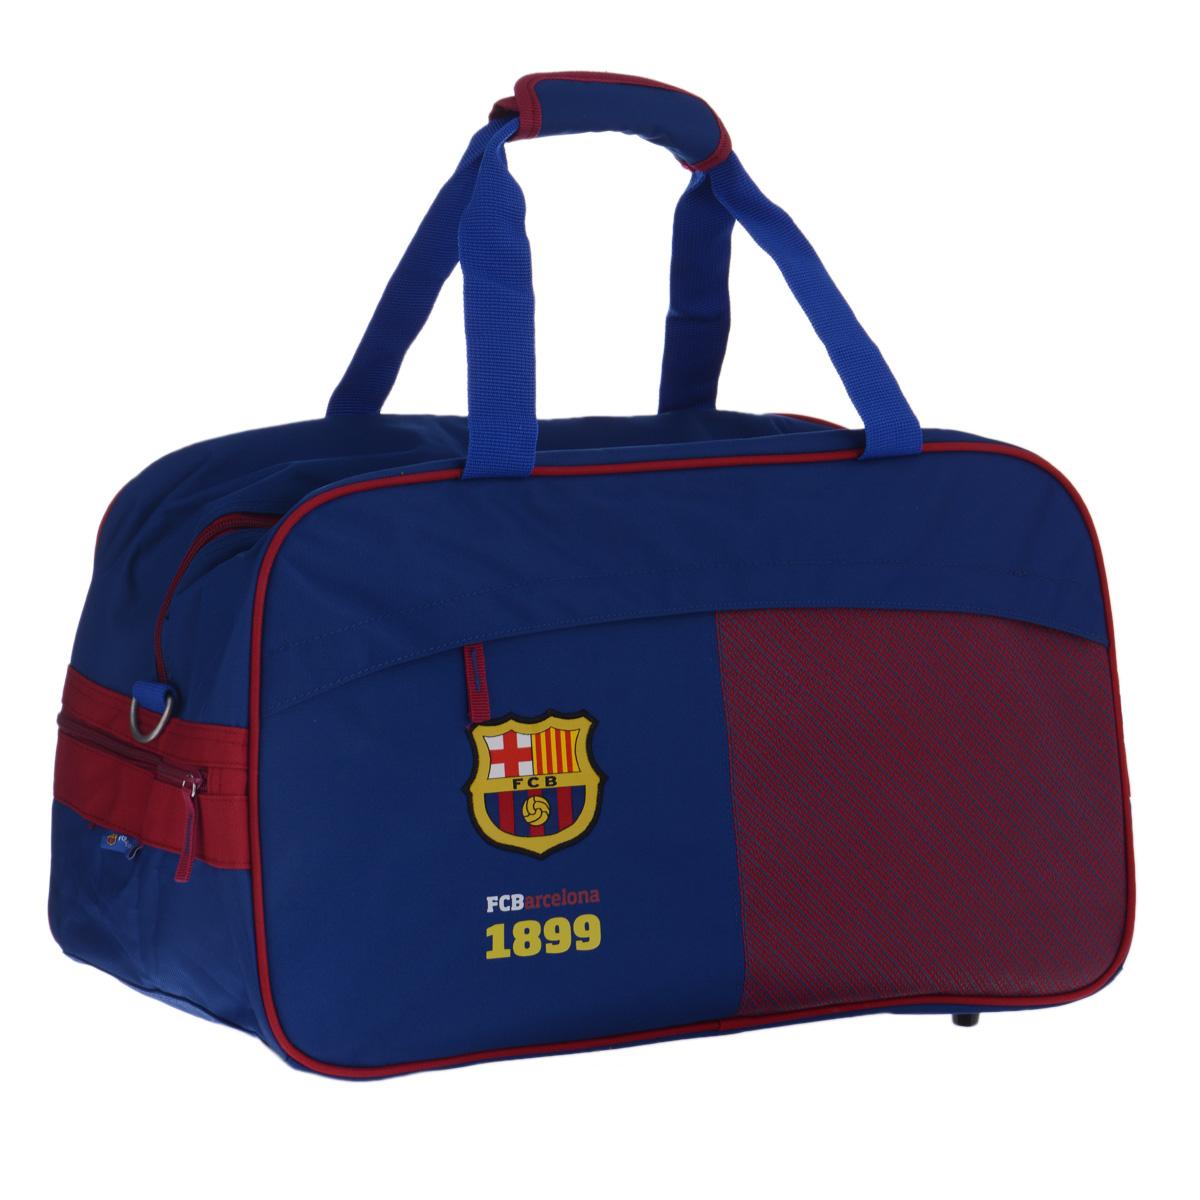 FC Barcelona Сумка спортивная цвет синий красный72523WDСпортивная сумка Barcelona FC понравится любому фанату команды или просто активному человеку, занимающемуся спортом.Сумка изготовлена из высококачественного износостойкого полиэстера и оформлена нашивным логотипом футбольного клуба Барселона - знаменитого каталонского клуба из одноимённого города, одного из сильнейших в Испании и в мире.Сумка состоит из одного вместительного отделения, закрывается на застежку-молнию. Спереди расположен прорезной карман на застежке-молнии, прикрытый клапаном для предотвращения попадания влаги. Внутри кармана находятся два открытых кармана для мелочей, карман для мобильного телефона с клапаном на липучке, накладной карман-сеточка на застежке-молнии и кольцо для ключей. Сумка имеет съемное твердое дно, которое при необходимости можно удалить для облегчения веса. Сумка имеет удобные ручки, скрепляющиеся хлястиком на липучке, а также съемный плечевой ремень, регулирующийся по длине, со специальной накладкой для комфортной переноски на плече. Сумка очень просторная, в ней без труда поместится спортивная форма или сменная одежда. Дно оснащено пластиковыми ножками, обеспечивающими необходимую устойчивость.Спортивная сумка - незаменимый аксессуар для любого человека, занимающегося спортом или посещающего тренажерный зал. А сумка с логотипом любимой команды станет отличным подарком для футбольного болельщика. Сумка является официальной лицензионной продукцией FCB.